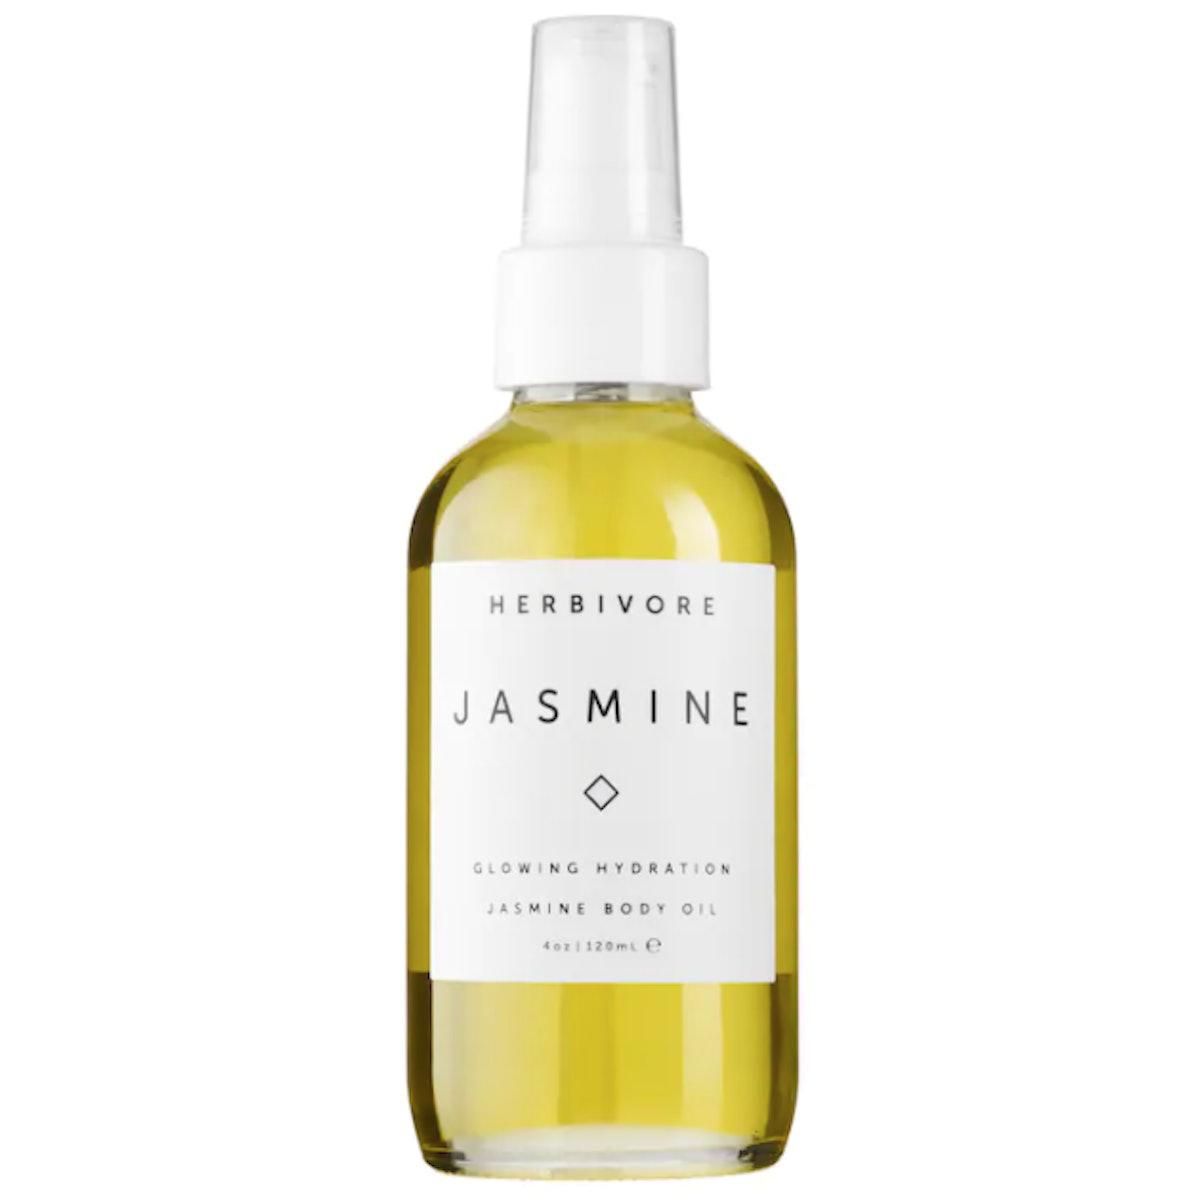 Jasmine Glowing Hydration Body Oil